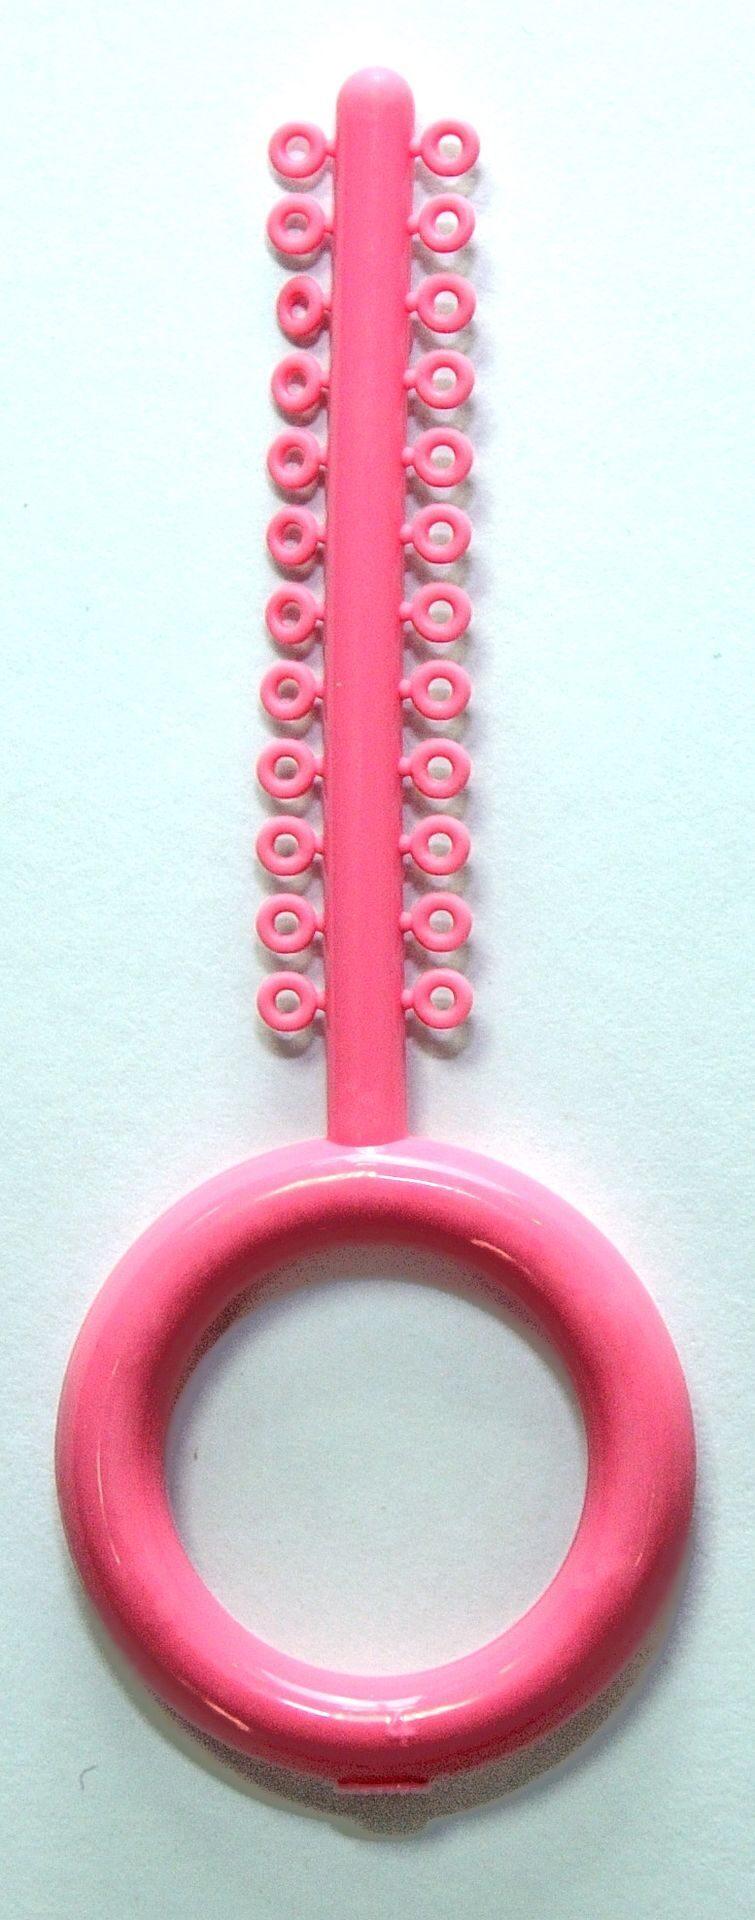 Лигатура эластичная розовая (24 кольца) ОТ